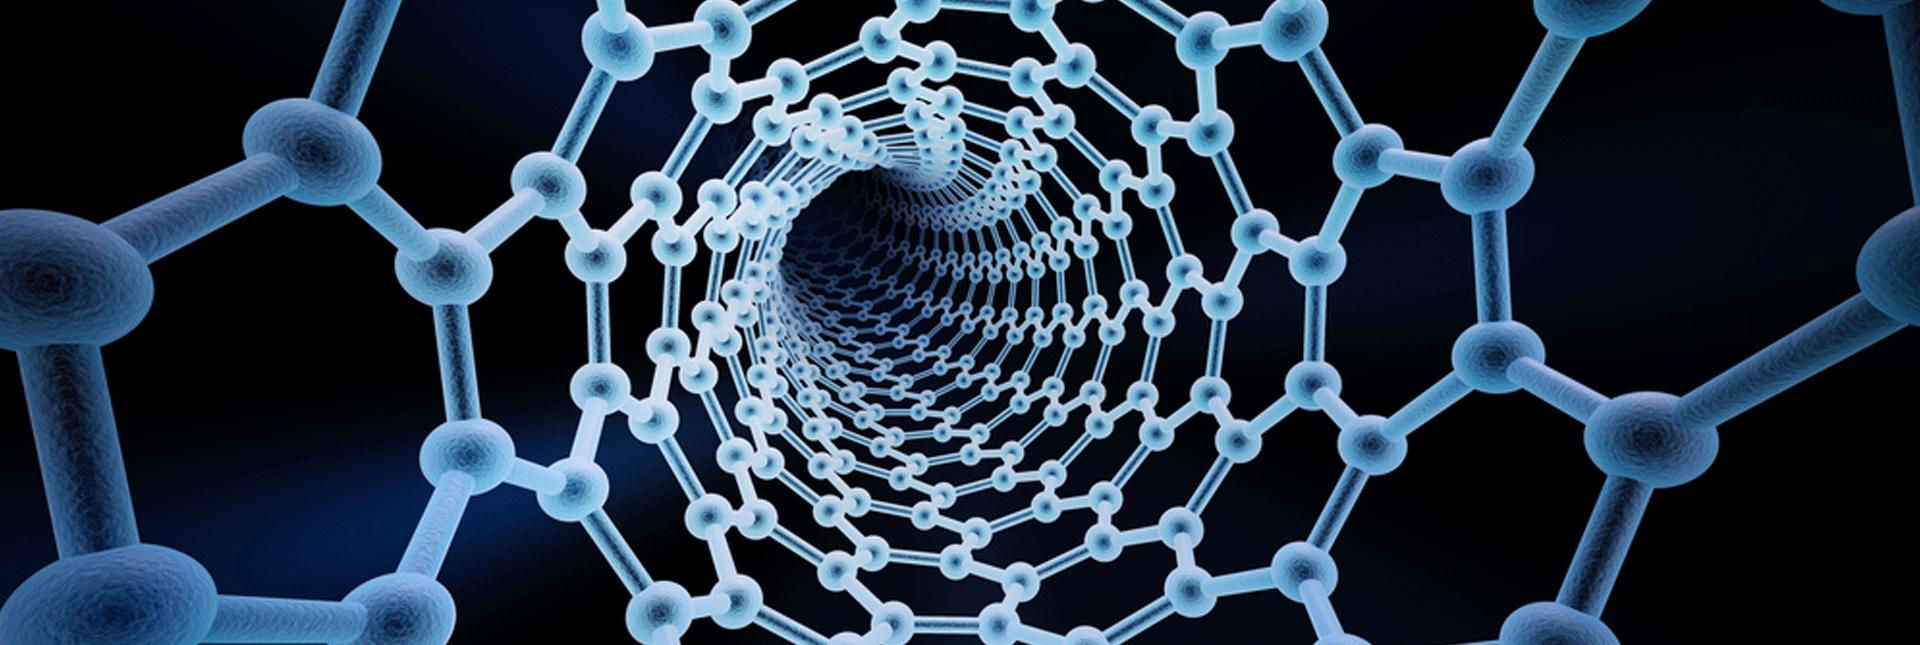 El grafeno llega a la construcción para aumentar la resistencia del hormigón